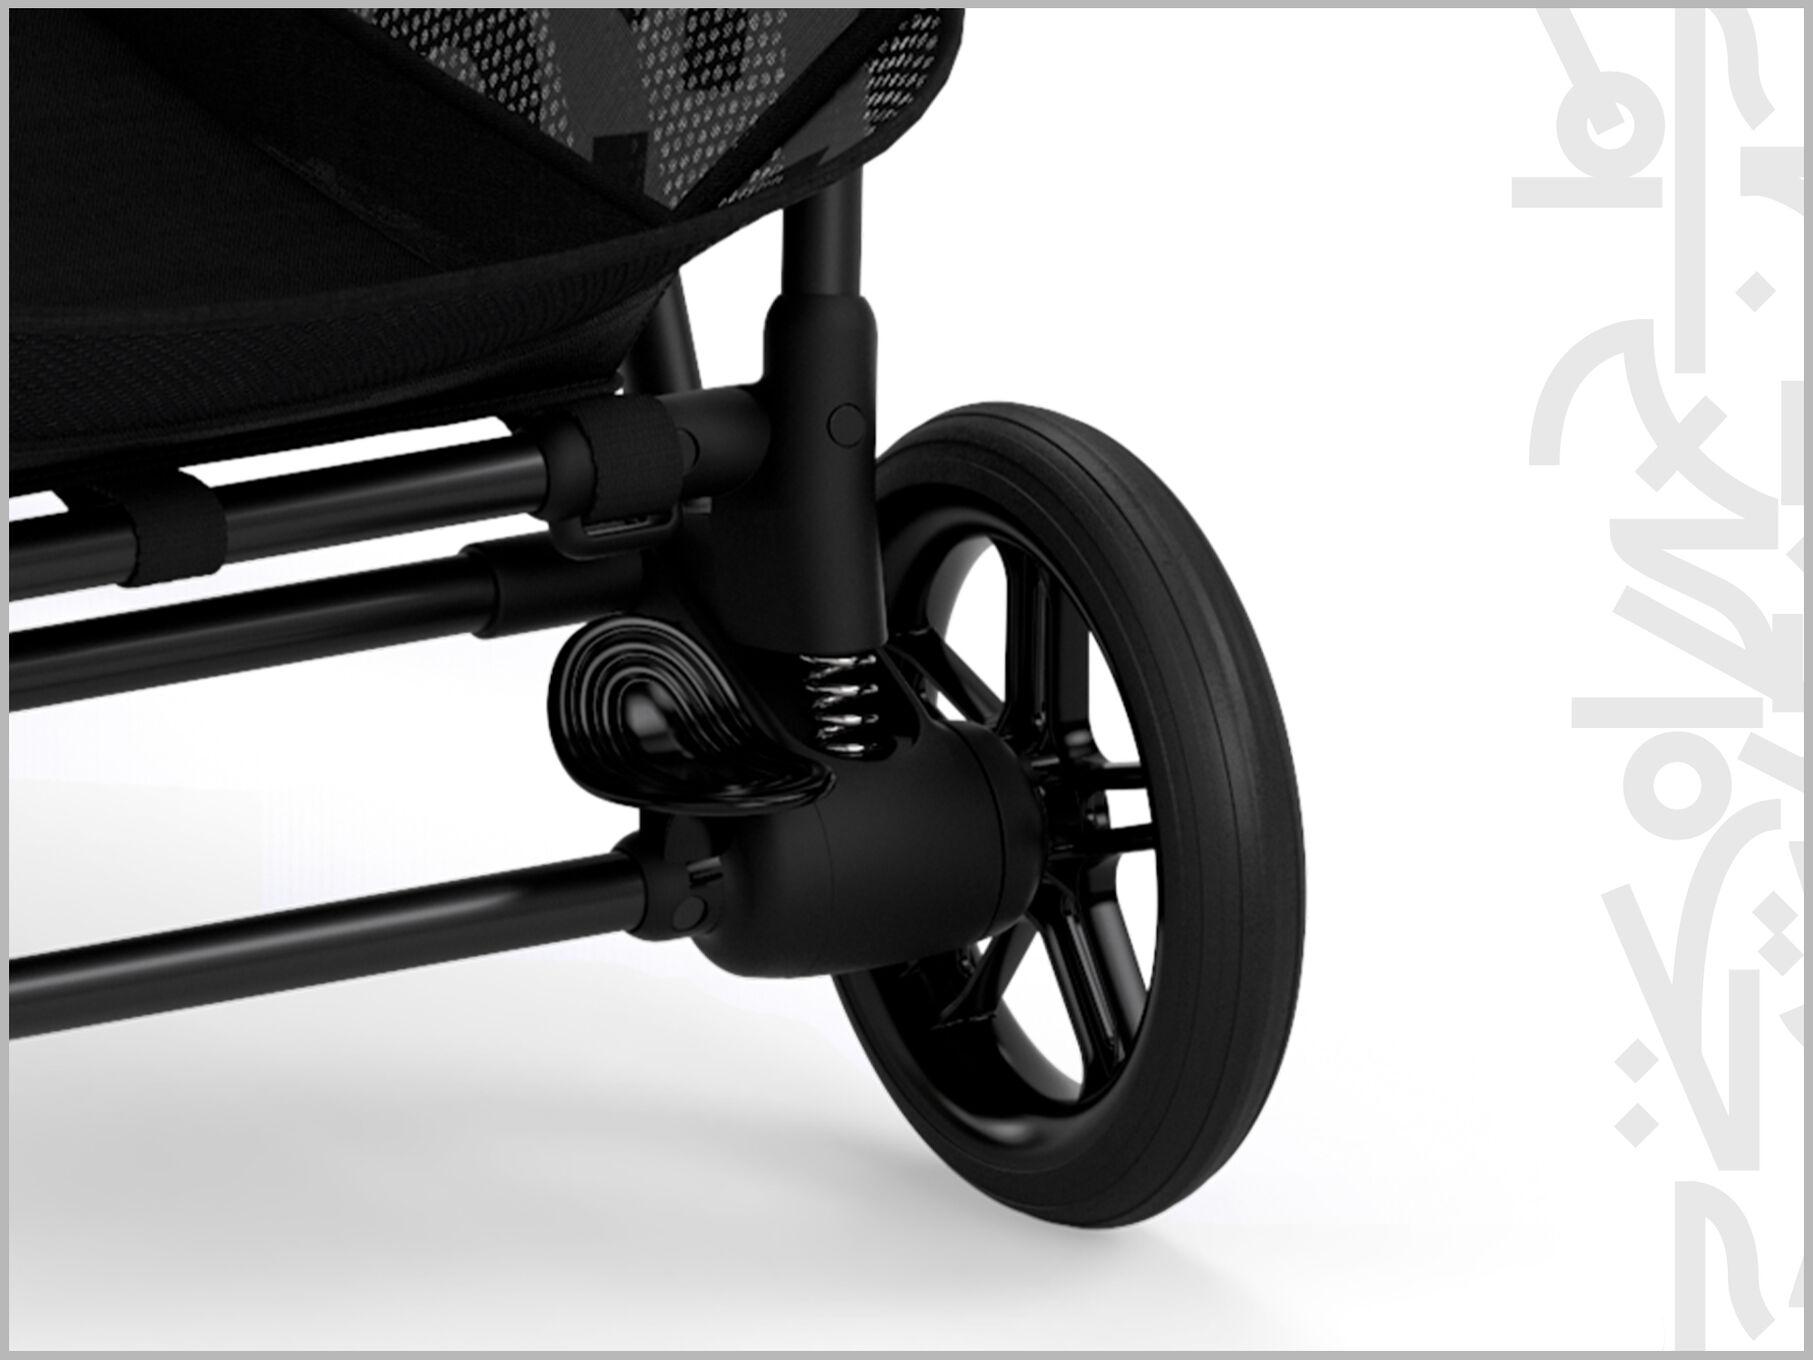 Cybex Gold Melio Street Stroller Soft Rear Wheel Suspension